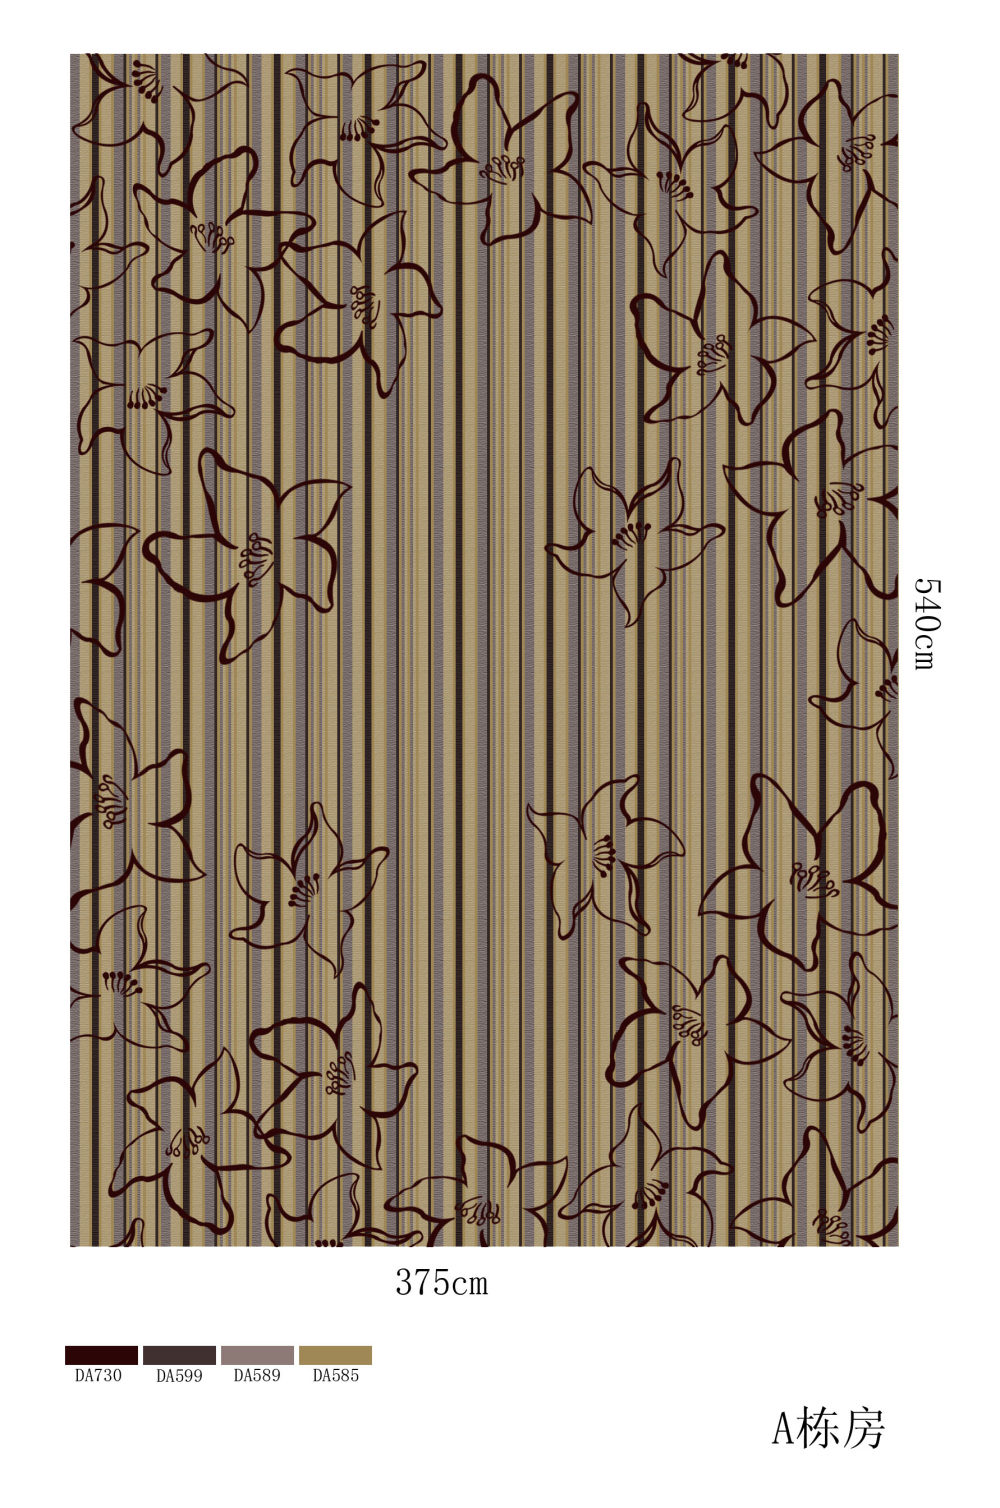 郑中(CCD)--专用地毯高清大图161P_A栋房.jpg